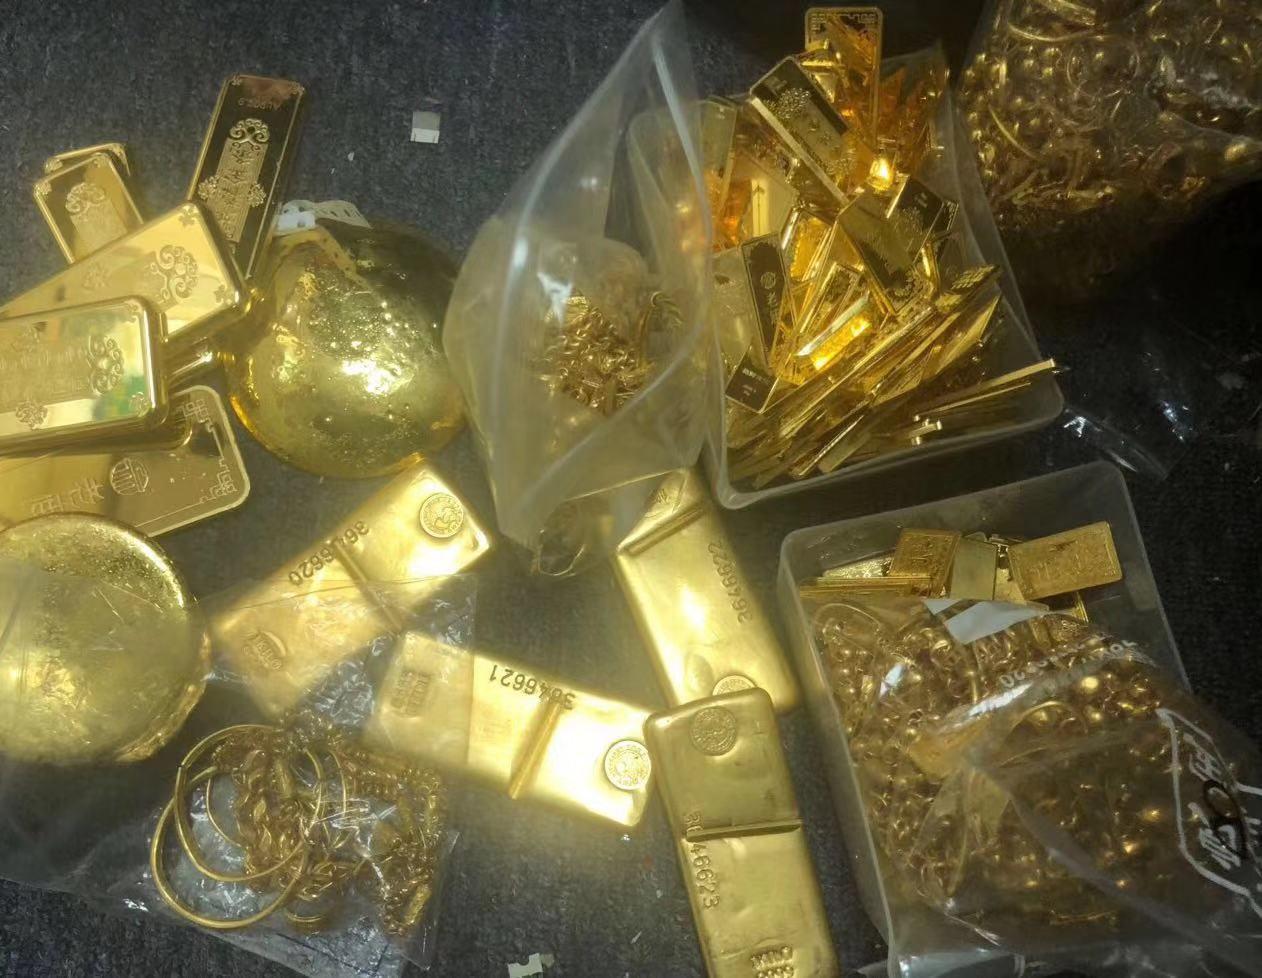 静安高价回收周大福黄金买的的金条回收价格多少钱一克